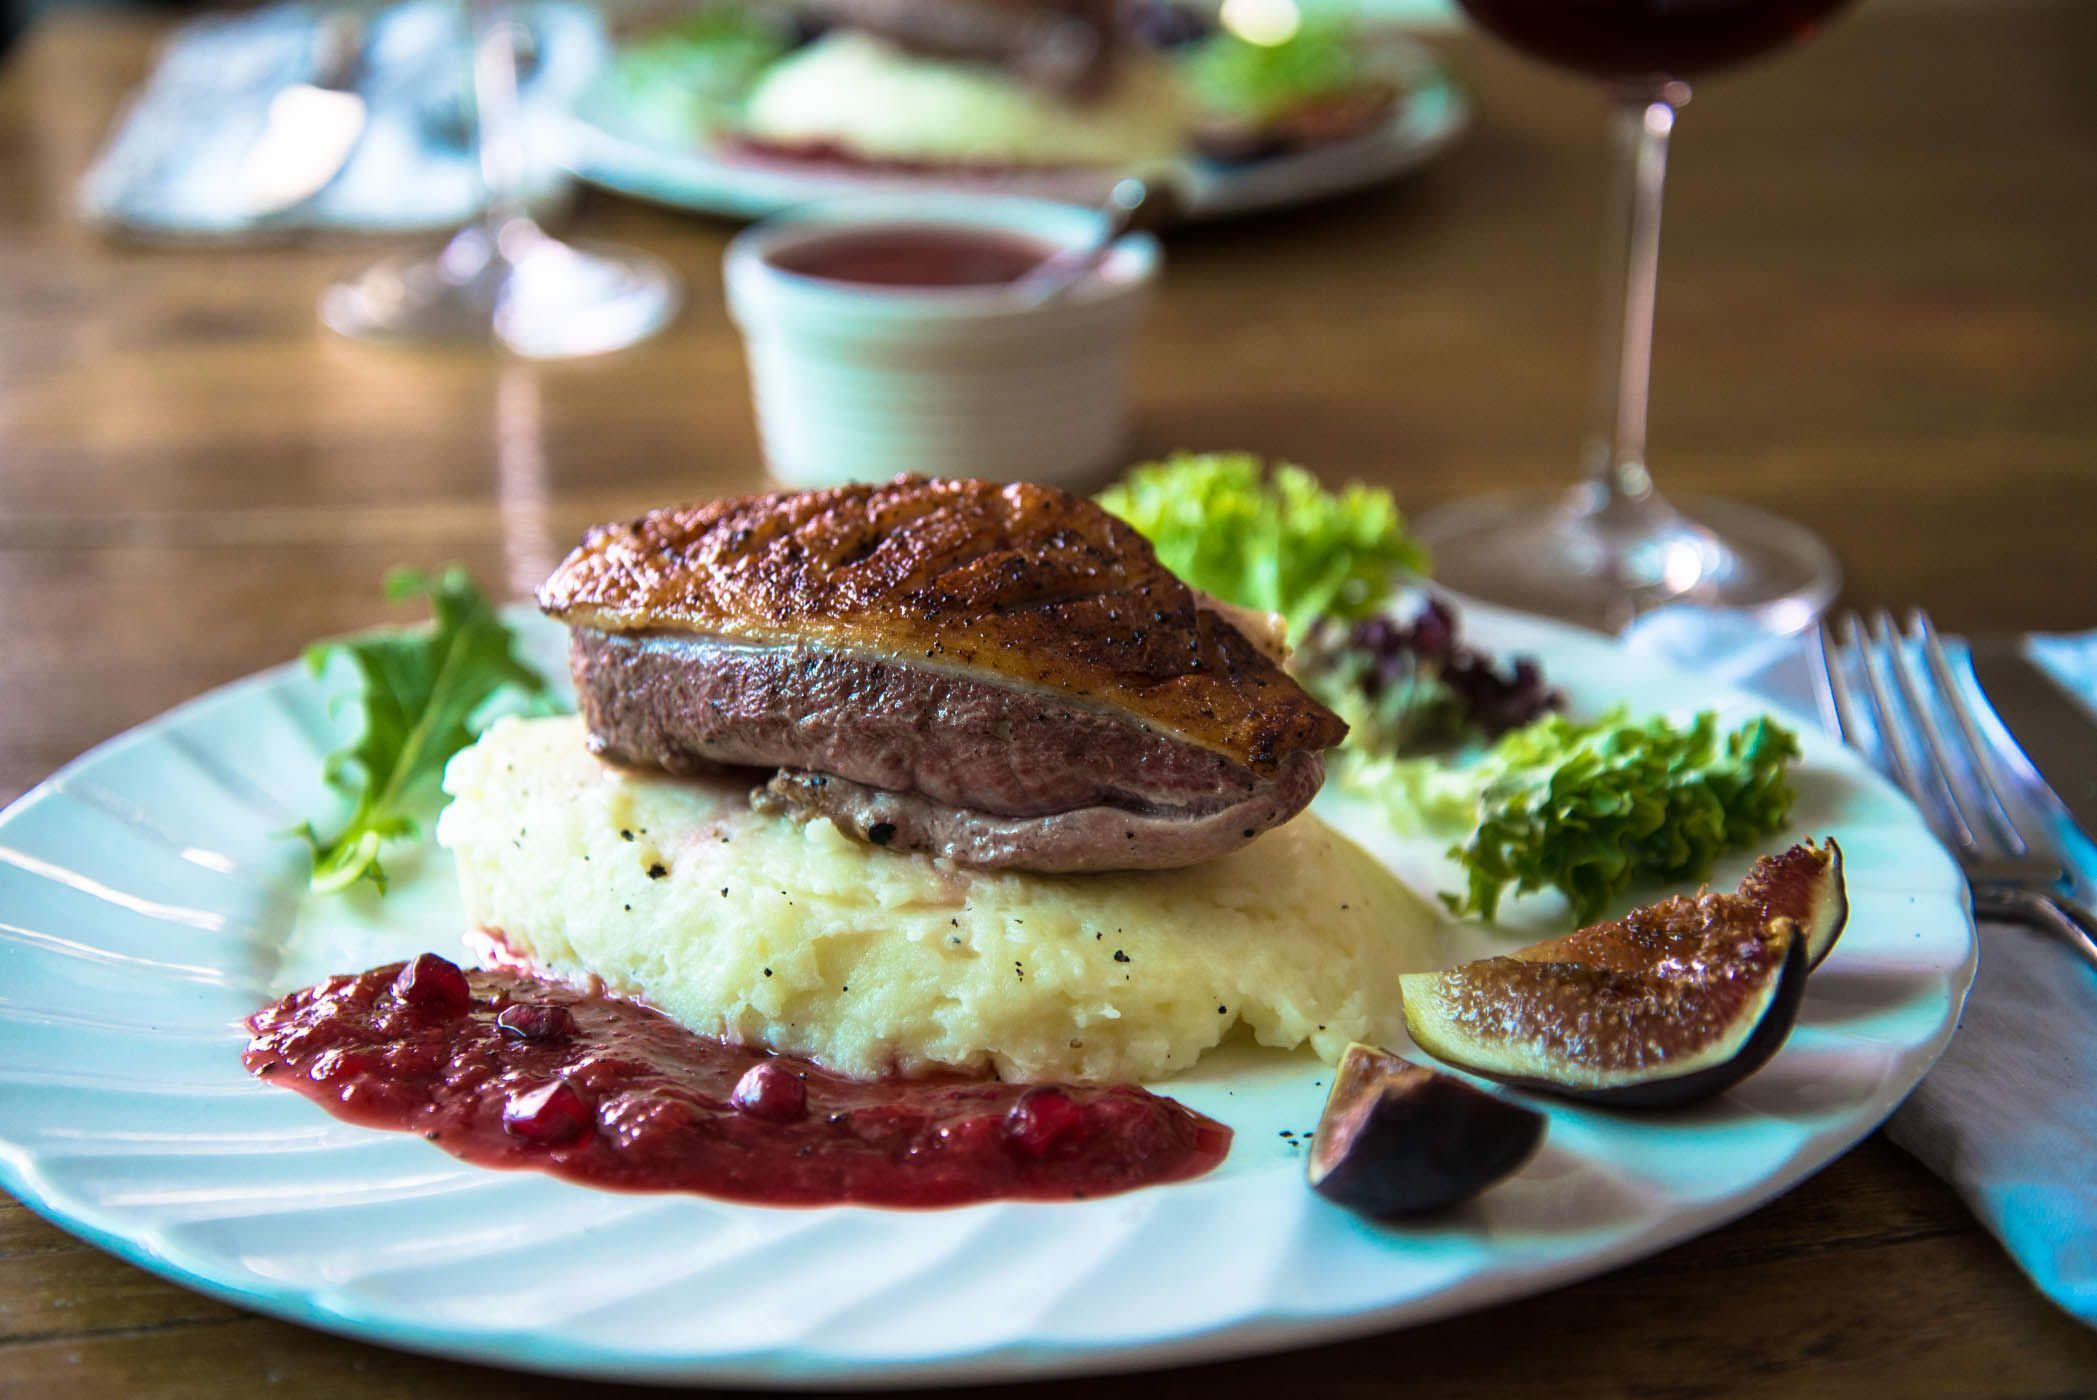 Pato com molho de ameixa & Figos por um jantar romântico | The Hungry australiano